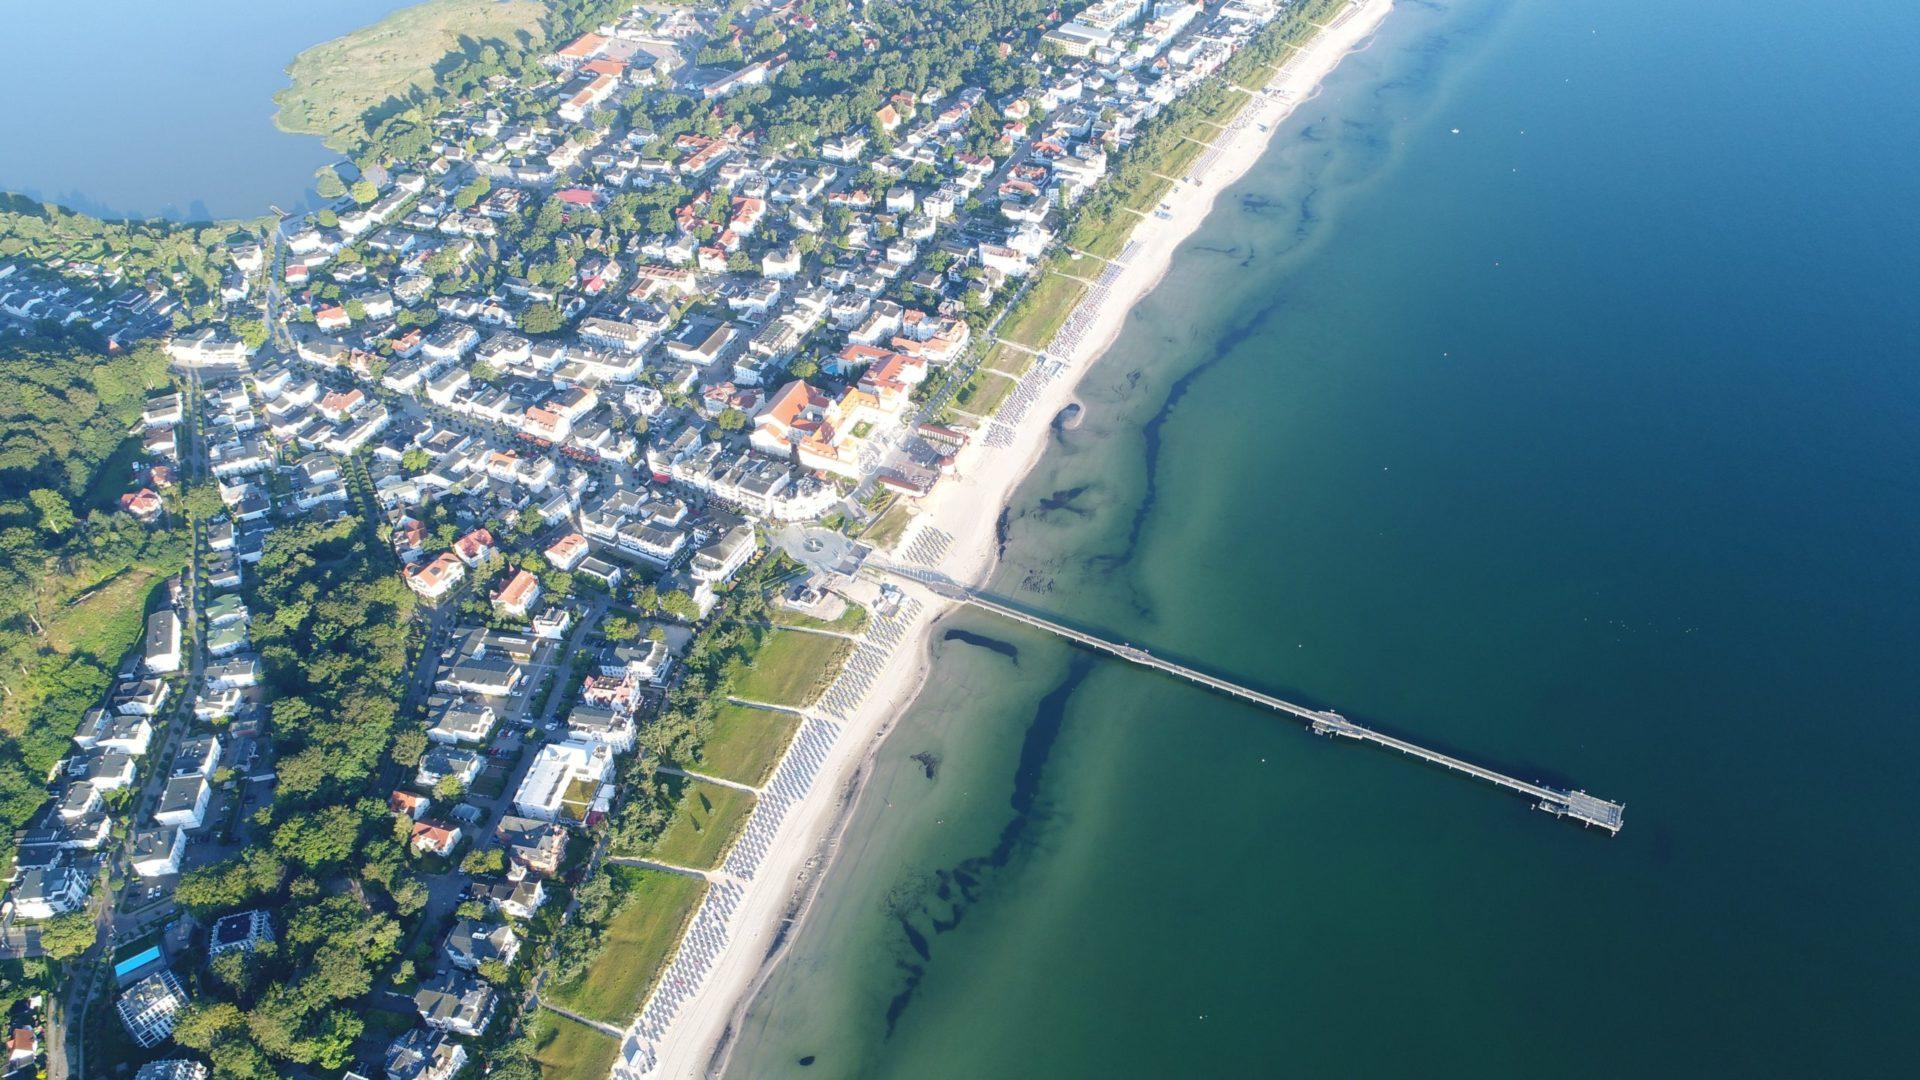 Wassertemperatur Binz: Ostseebad Binz auf Rügen aus der Luft, Badestrand mit Seebrücke und Kurhaus